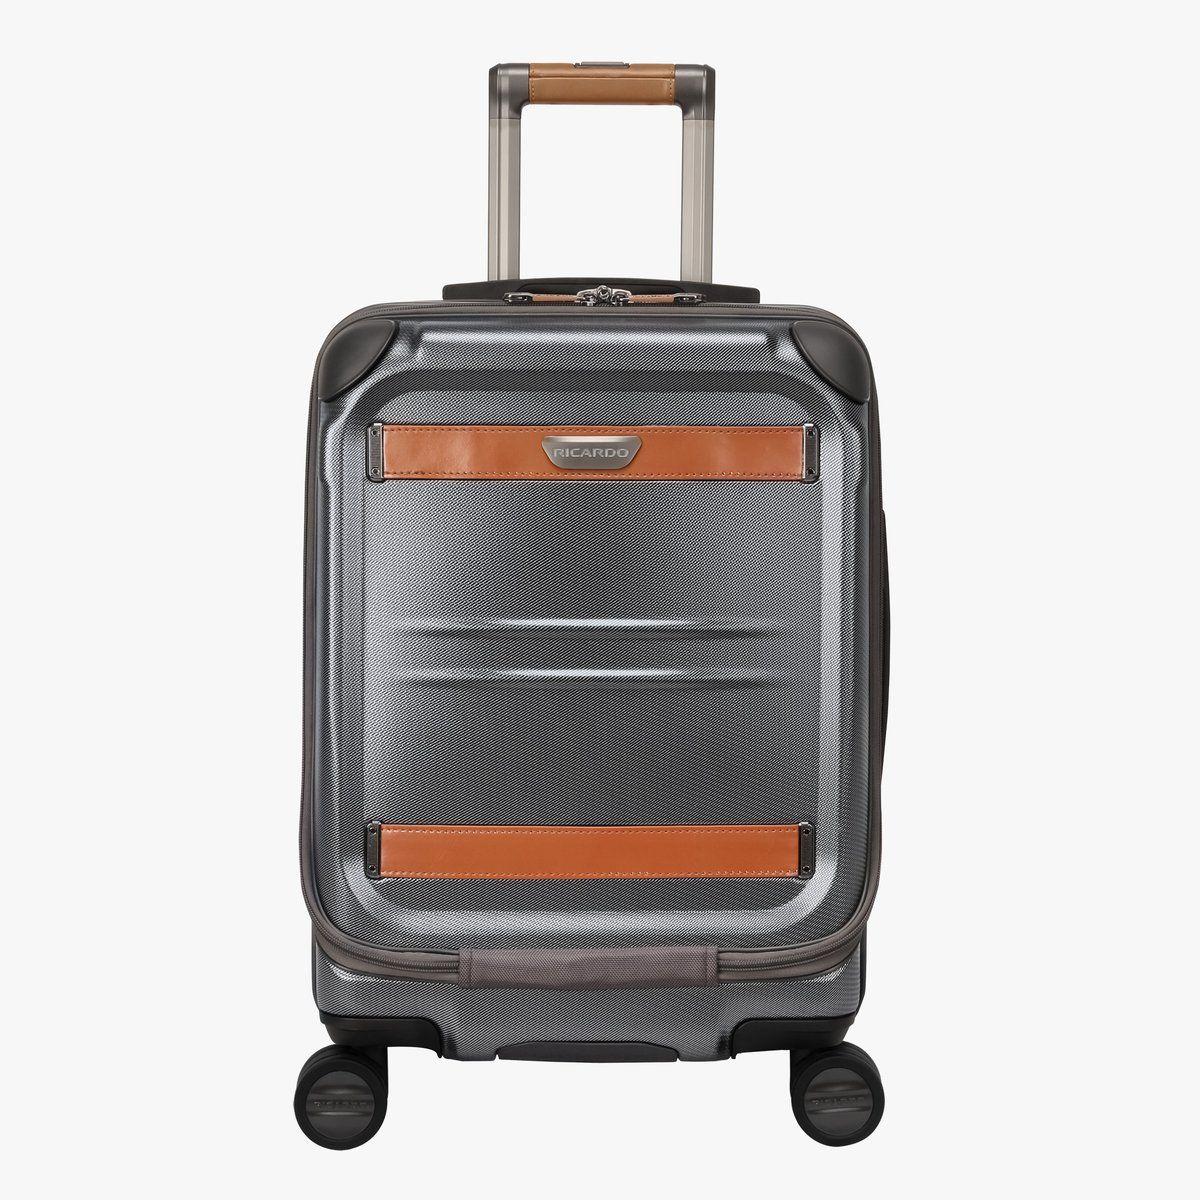 cc7192456f84 26 Best Rolling Luggage 2019